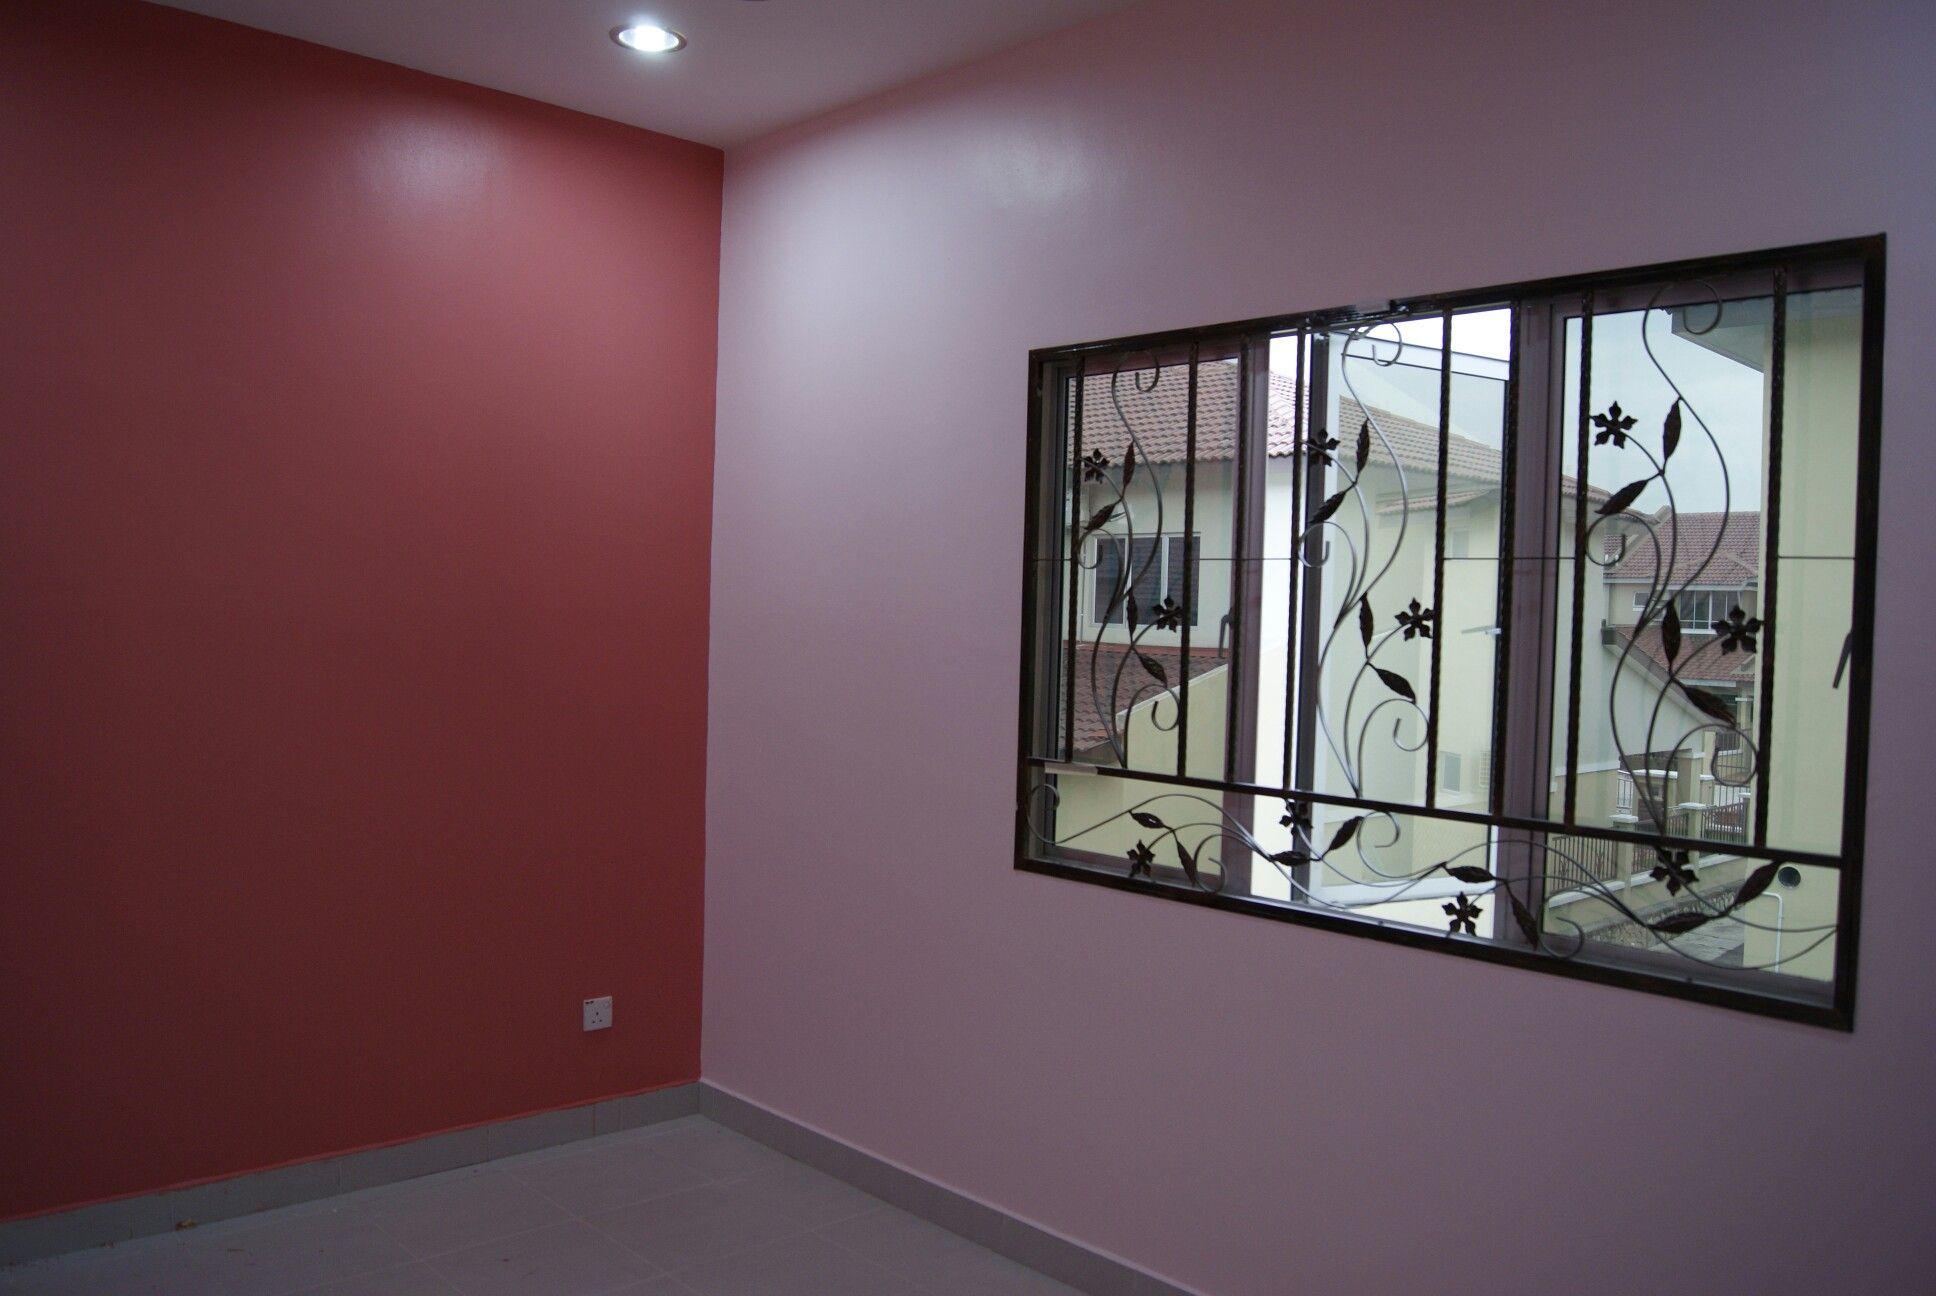 Buat Tabletop Dan Kabinet Dapur Kerja2 Paip Repair Pasang Pintu Tingkap Sliding Window Dll Parion Porch Gate